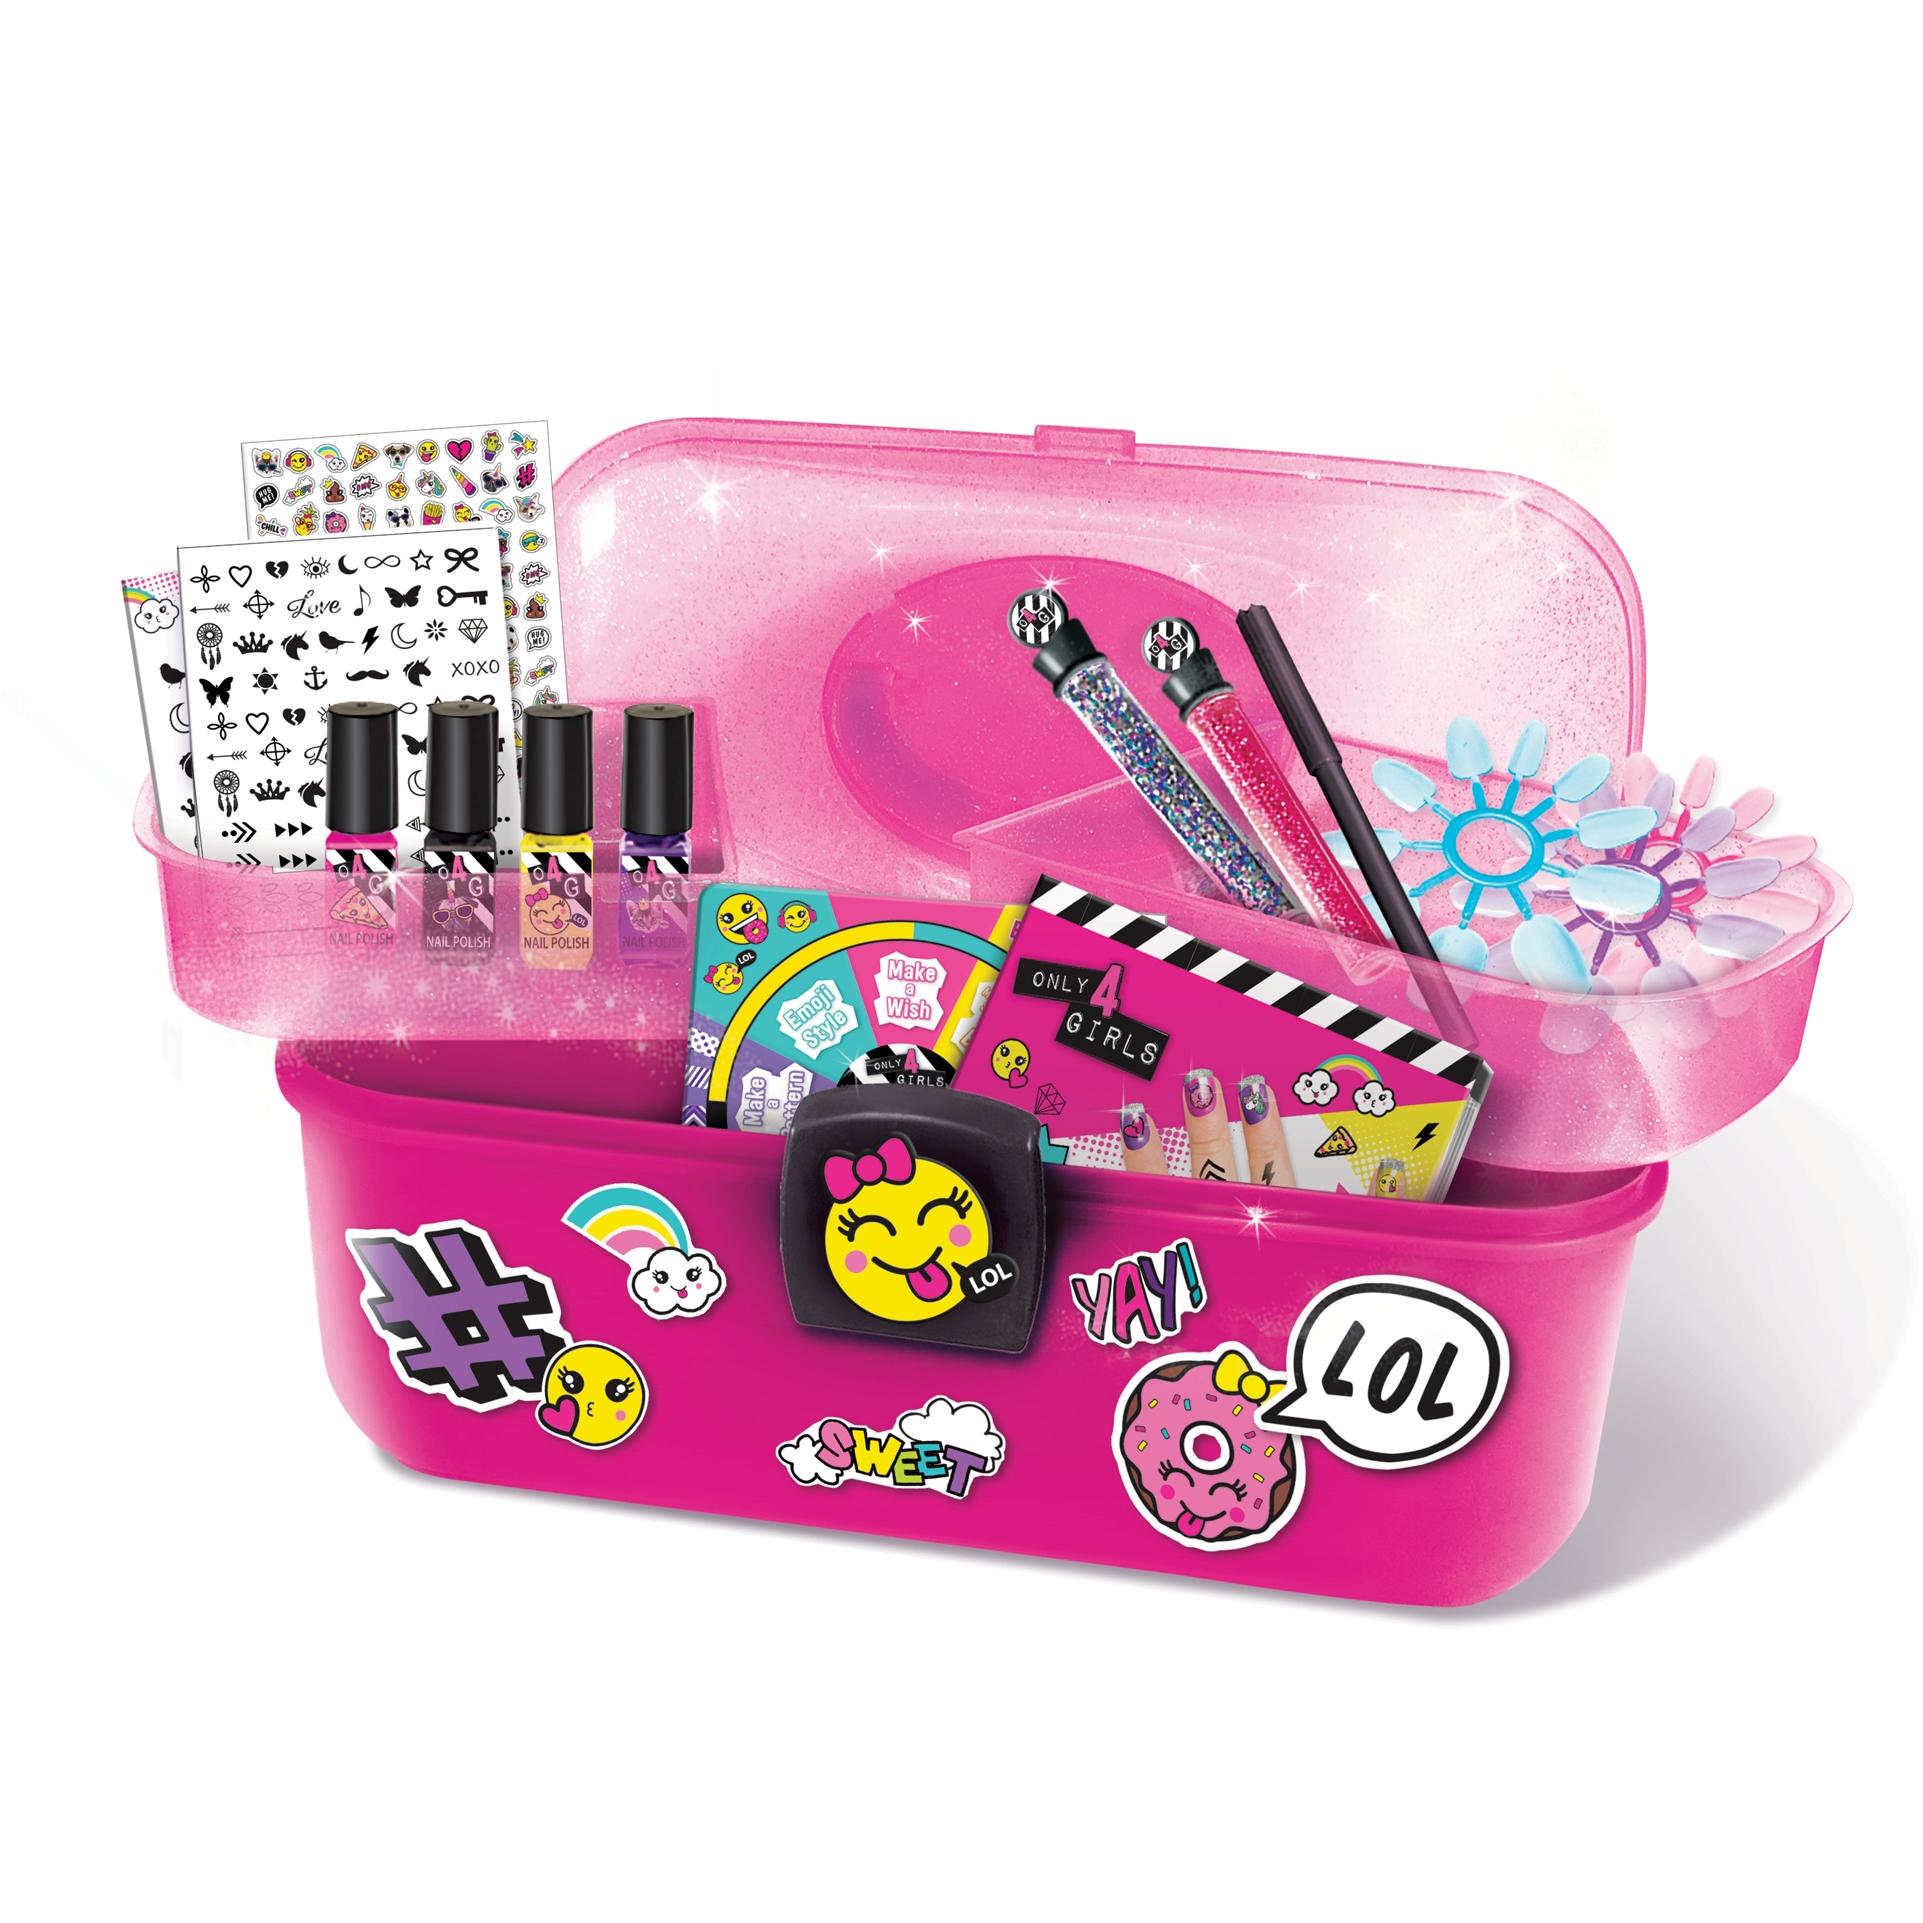 Only 4 Girls - Nail Art Caddy Set - Walmart.com